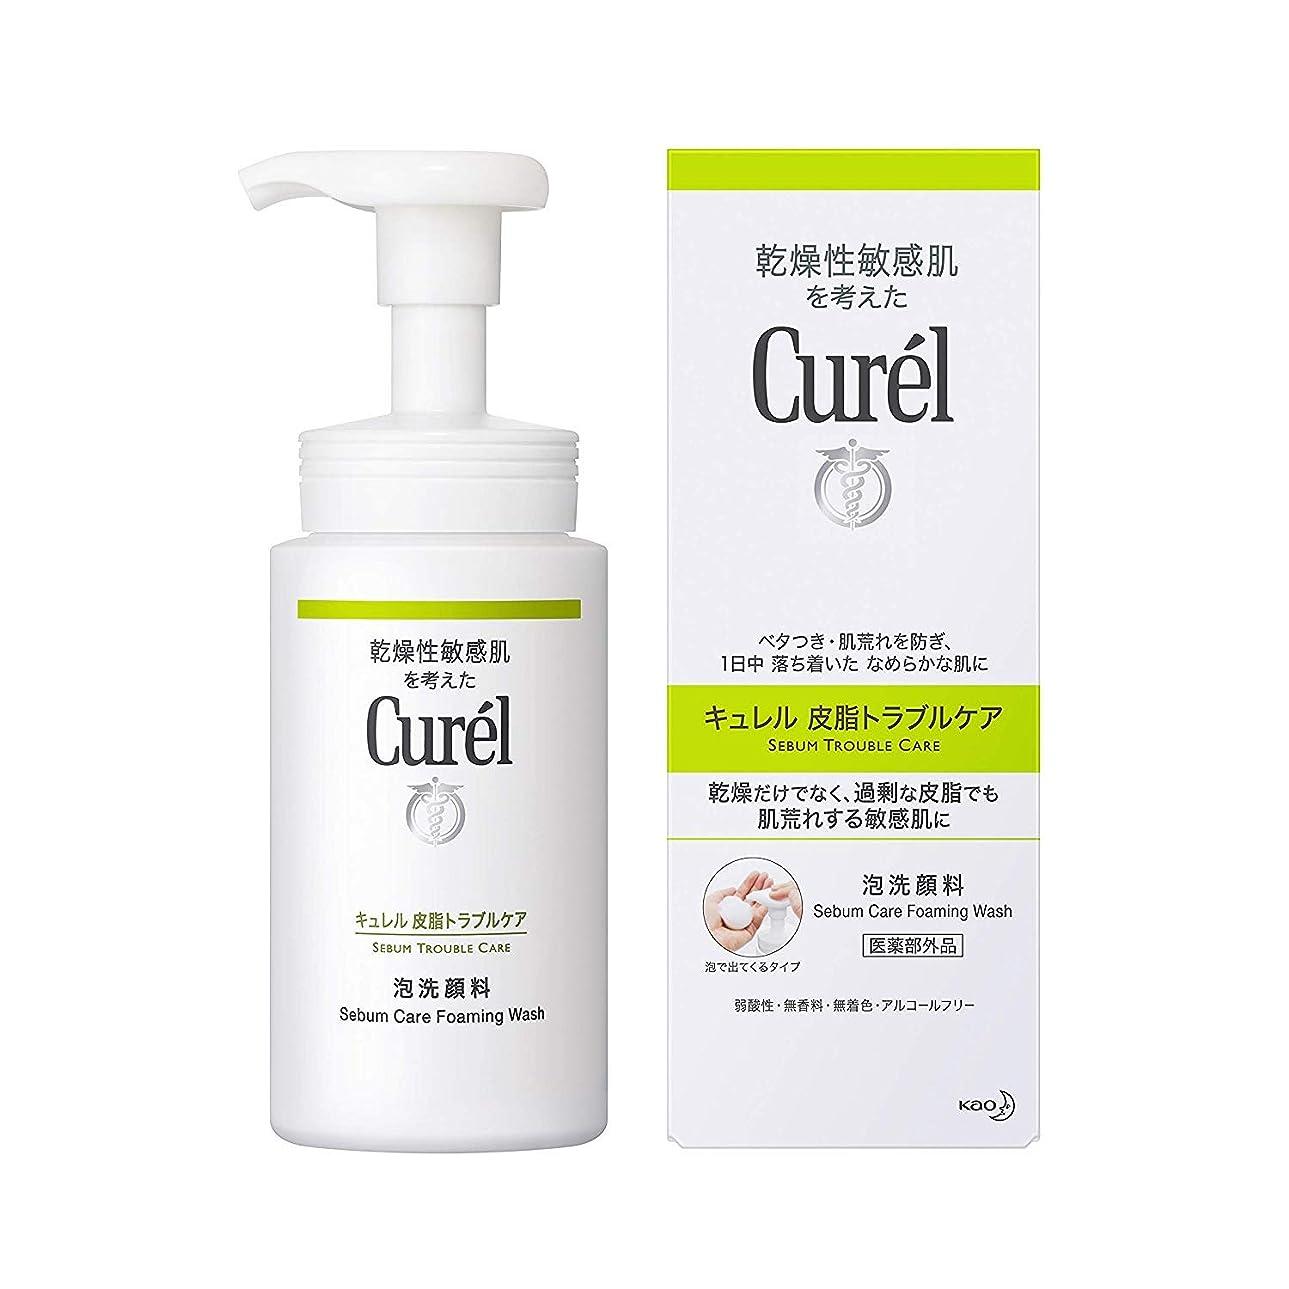 【花王】キュレル皮脂トラブルケア泡洗顔料(150ml) ×10個セット